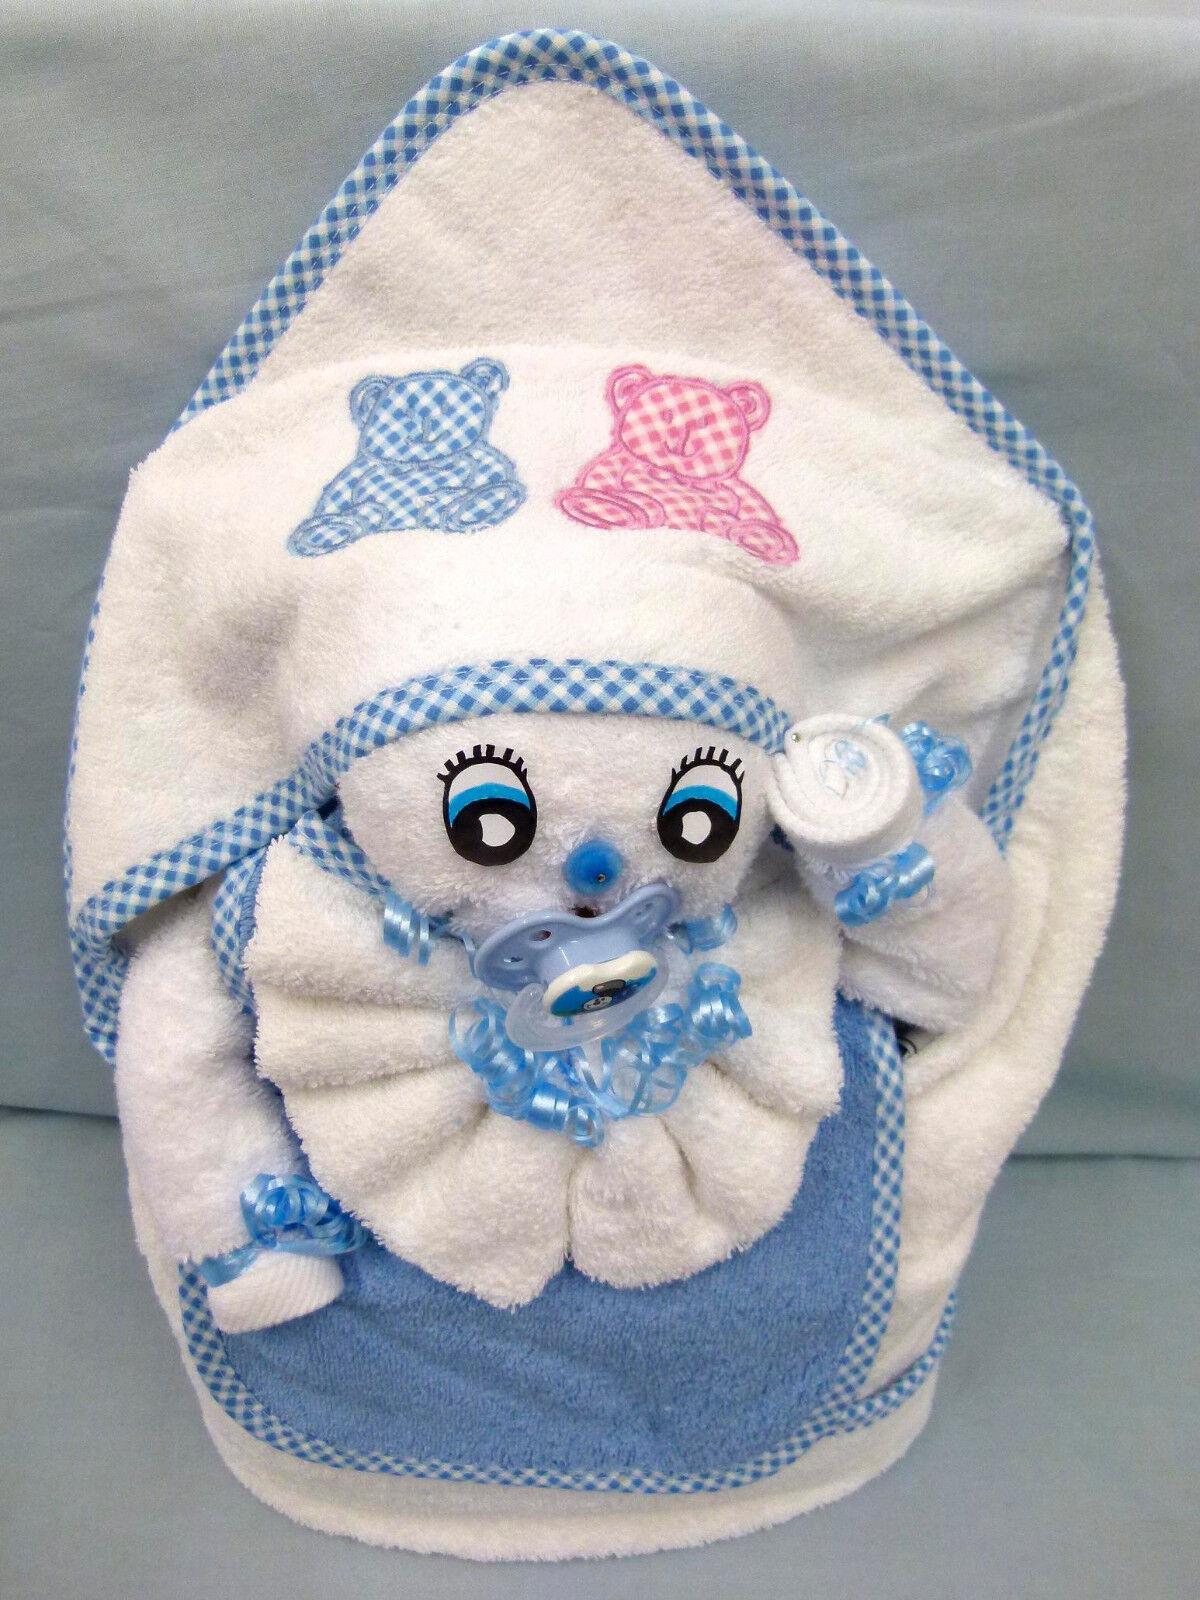 Handtuch Geschenk Figur Baby Schnuller Kapuze Gastgeschenk Taufe Babyparty Oster